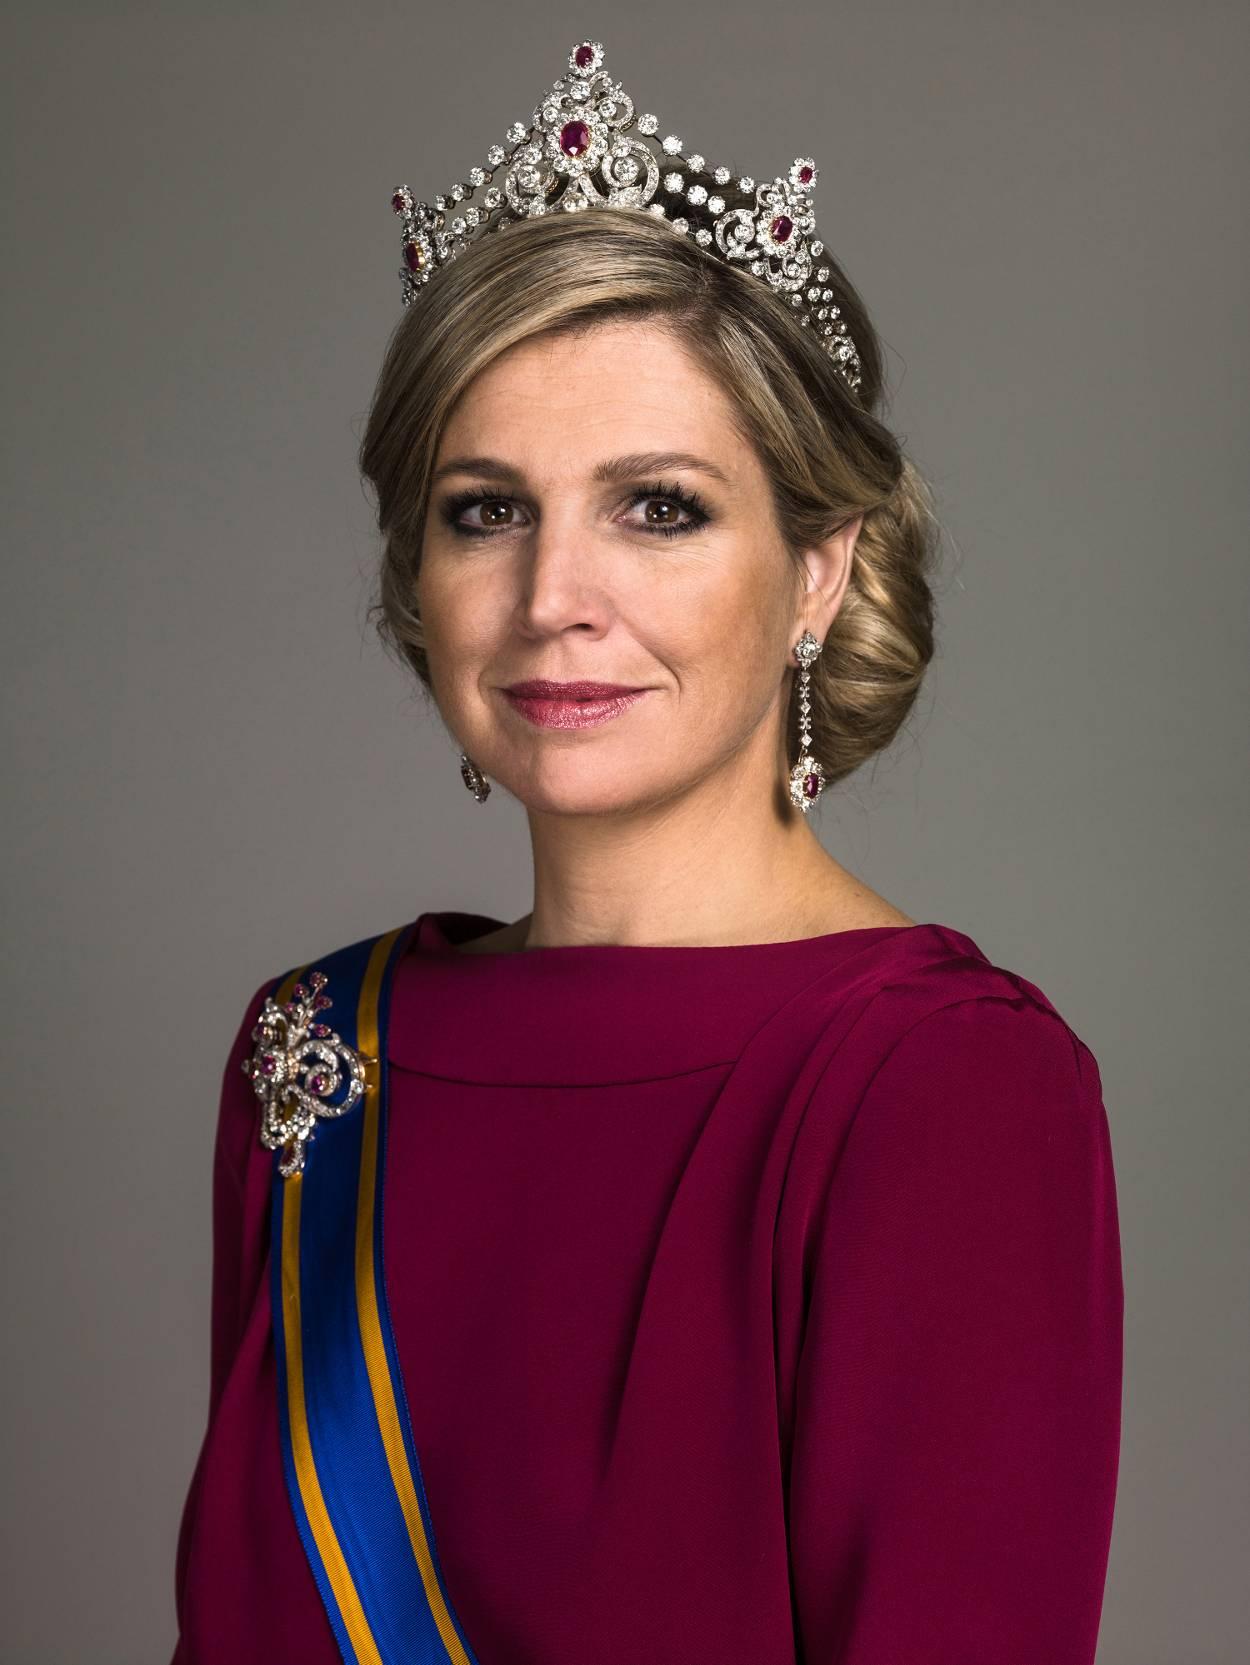 Prachtige foto van Koningin Maxima